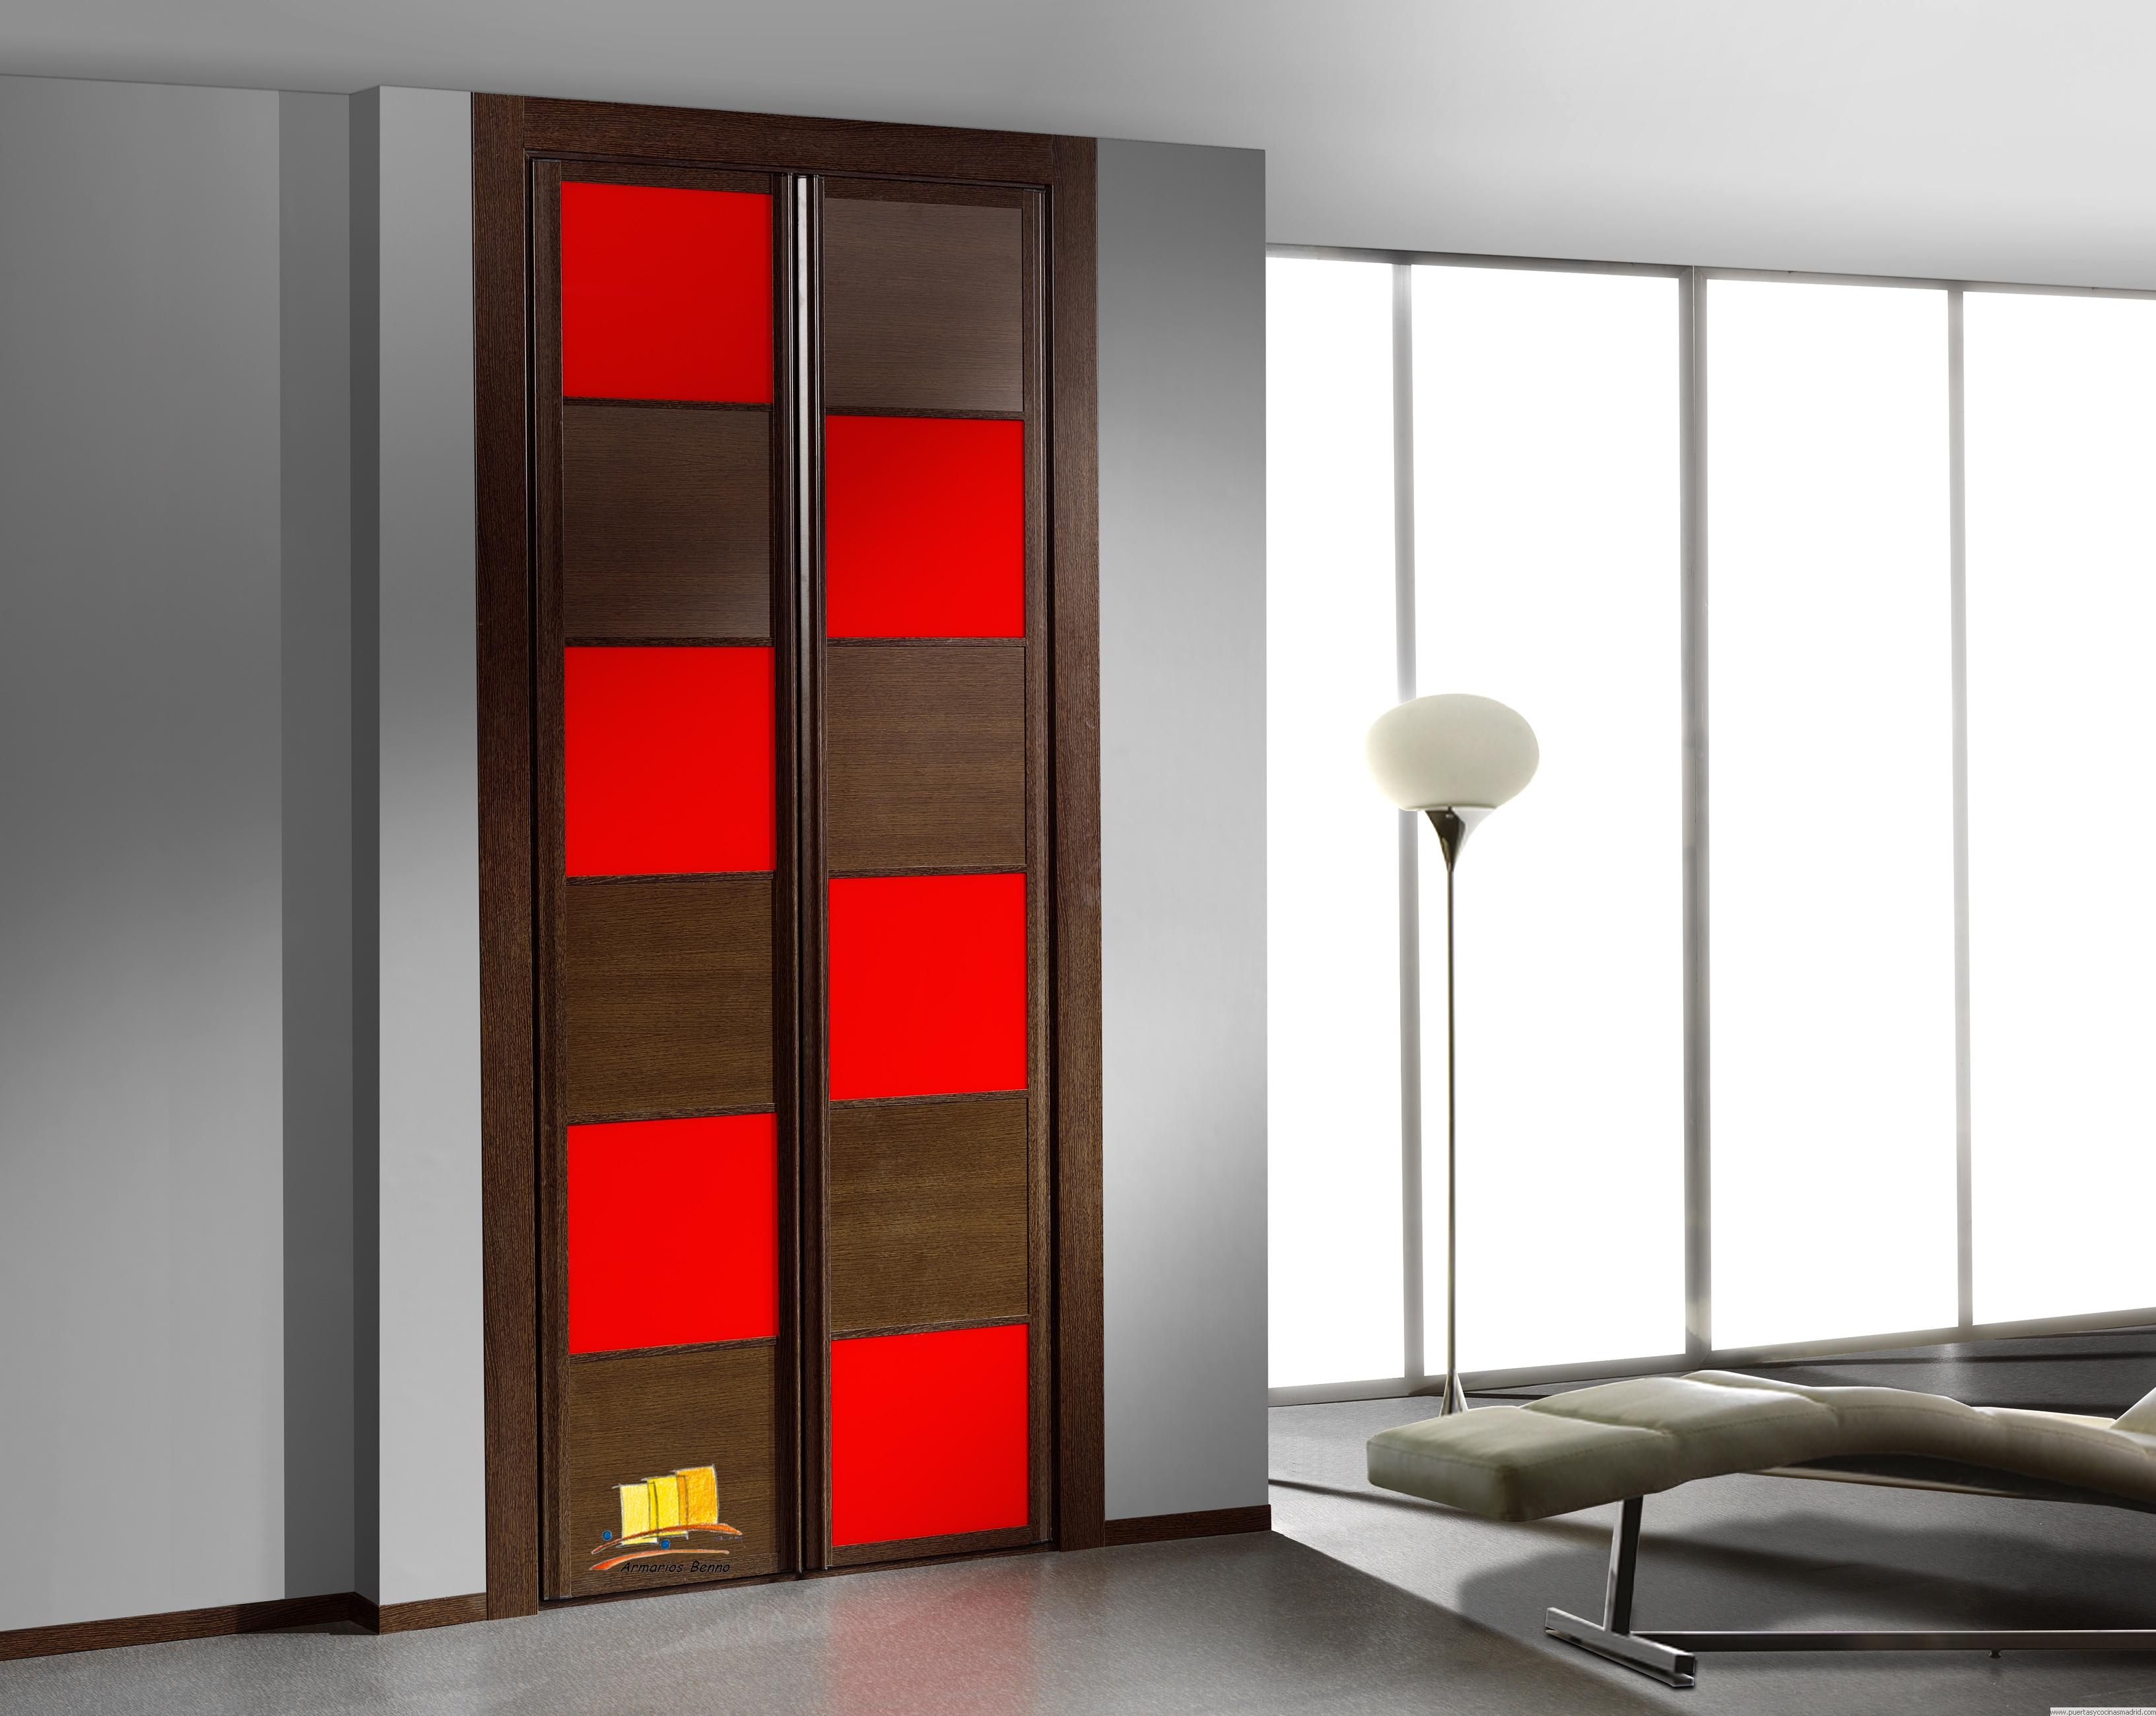 Armarios interior madrid armarios baratos comprar armarios for Puertas para interior baratas